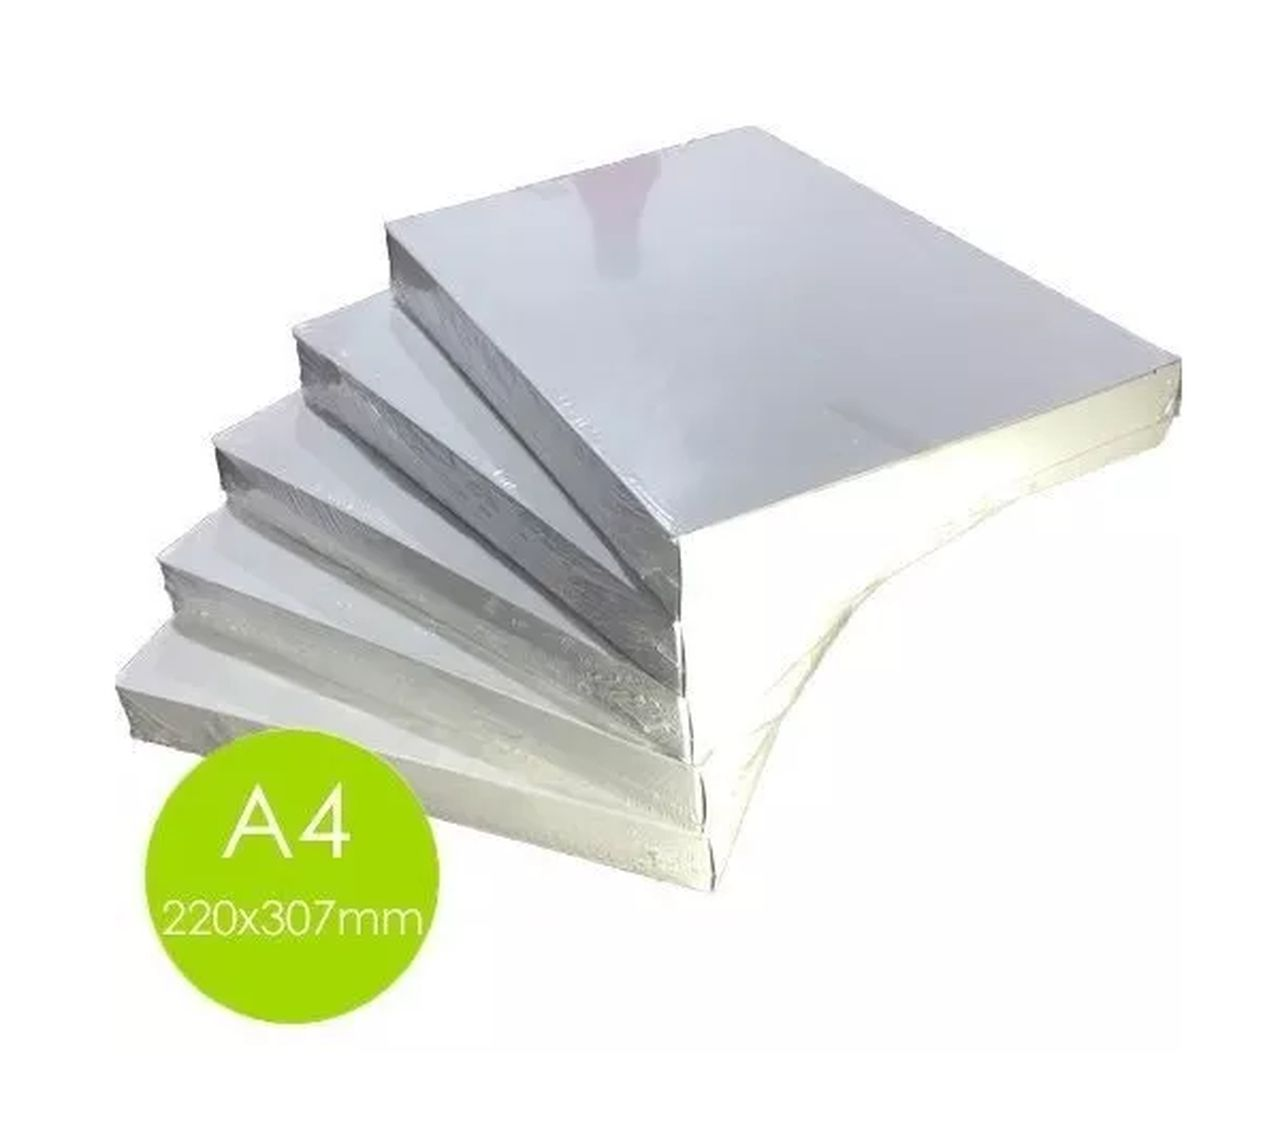 Kit Polaseal Plastificação 5 Pacotes Tamanho A4 220x307mm